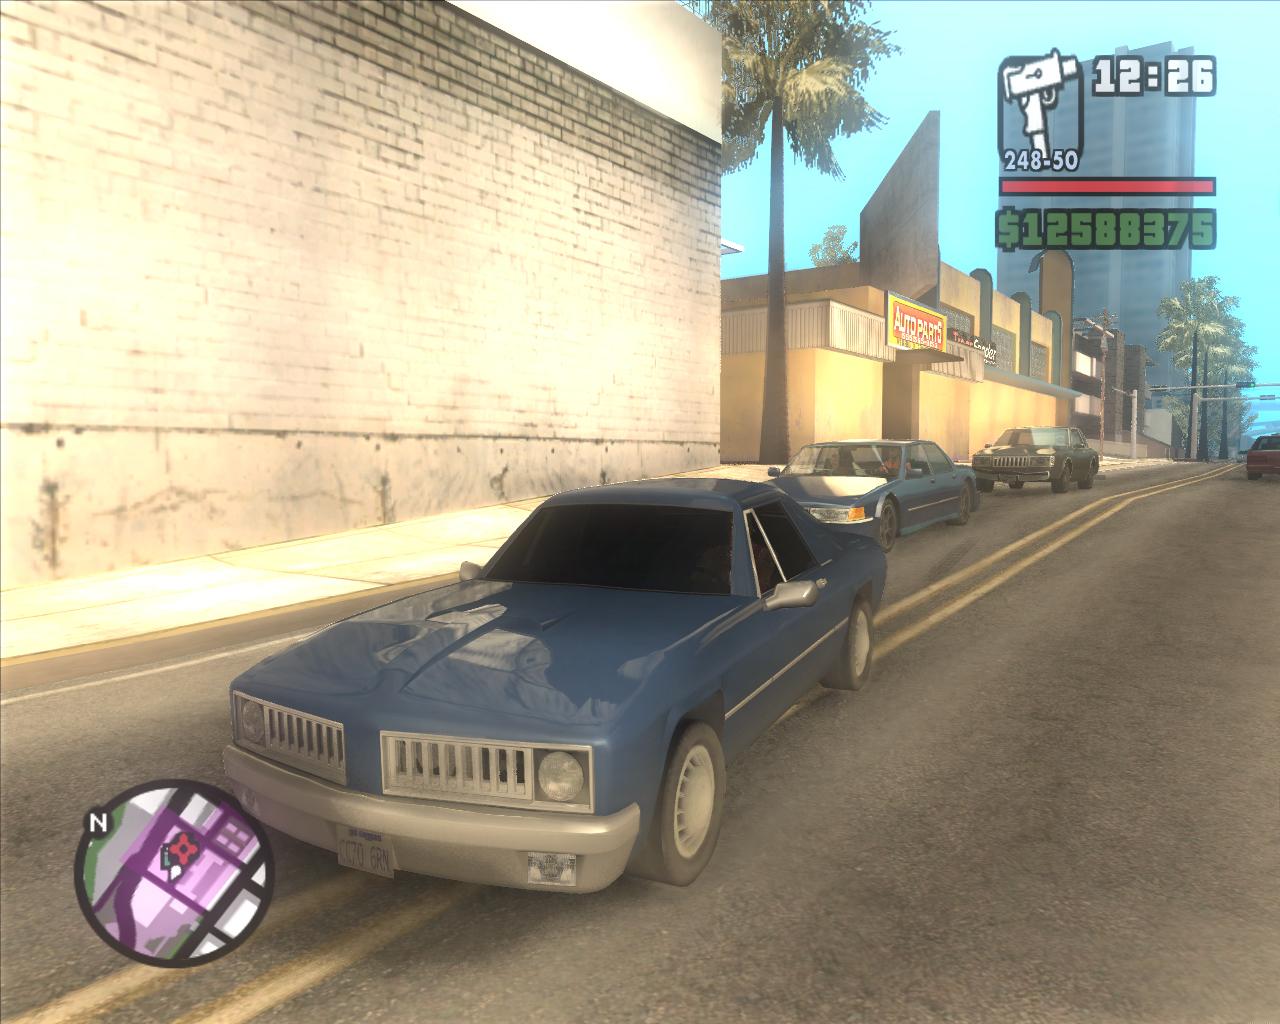 GTA SA - Carros originais em HD + Carros parecidos com os originais 2960_screen01